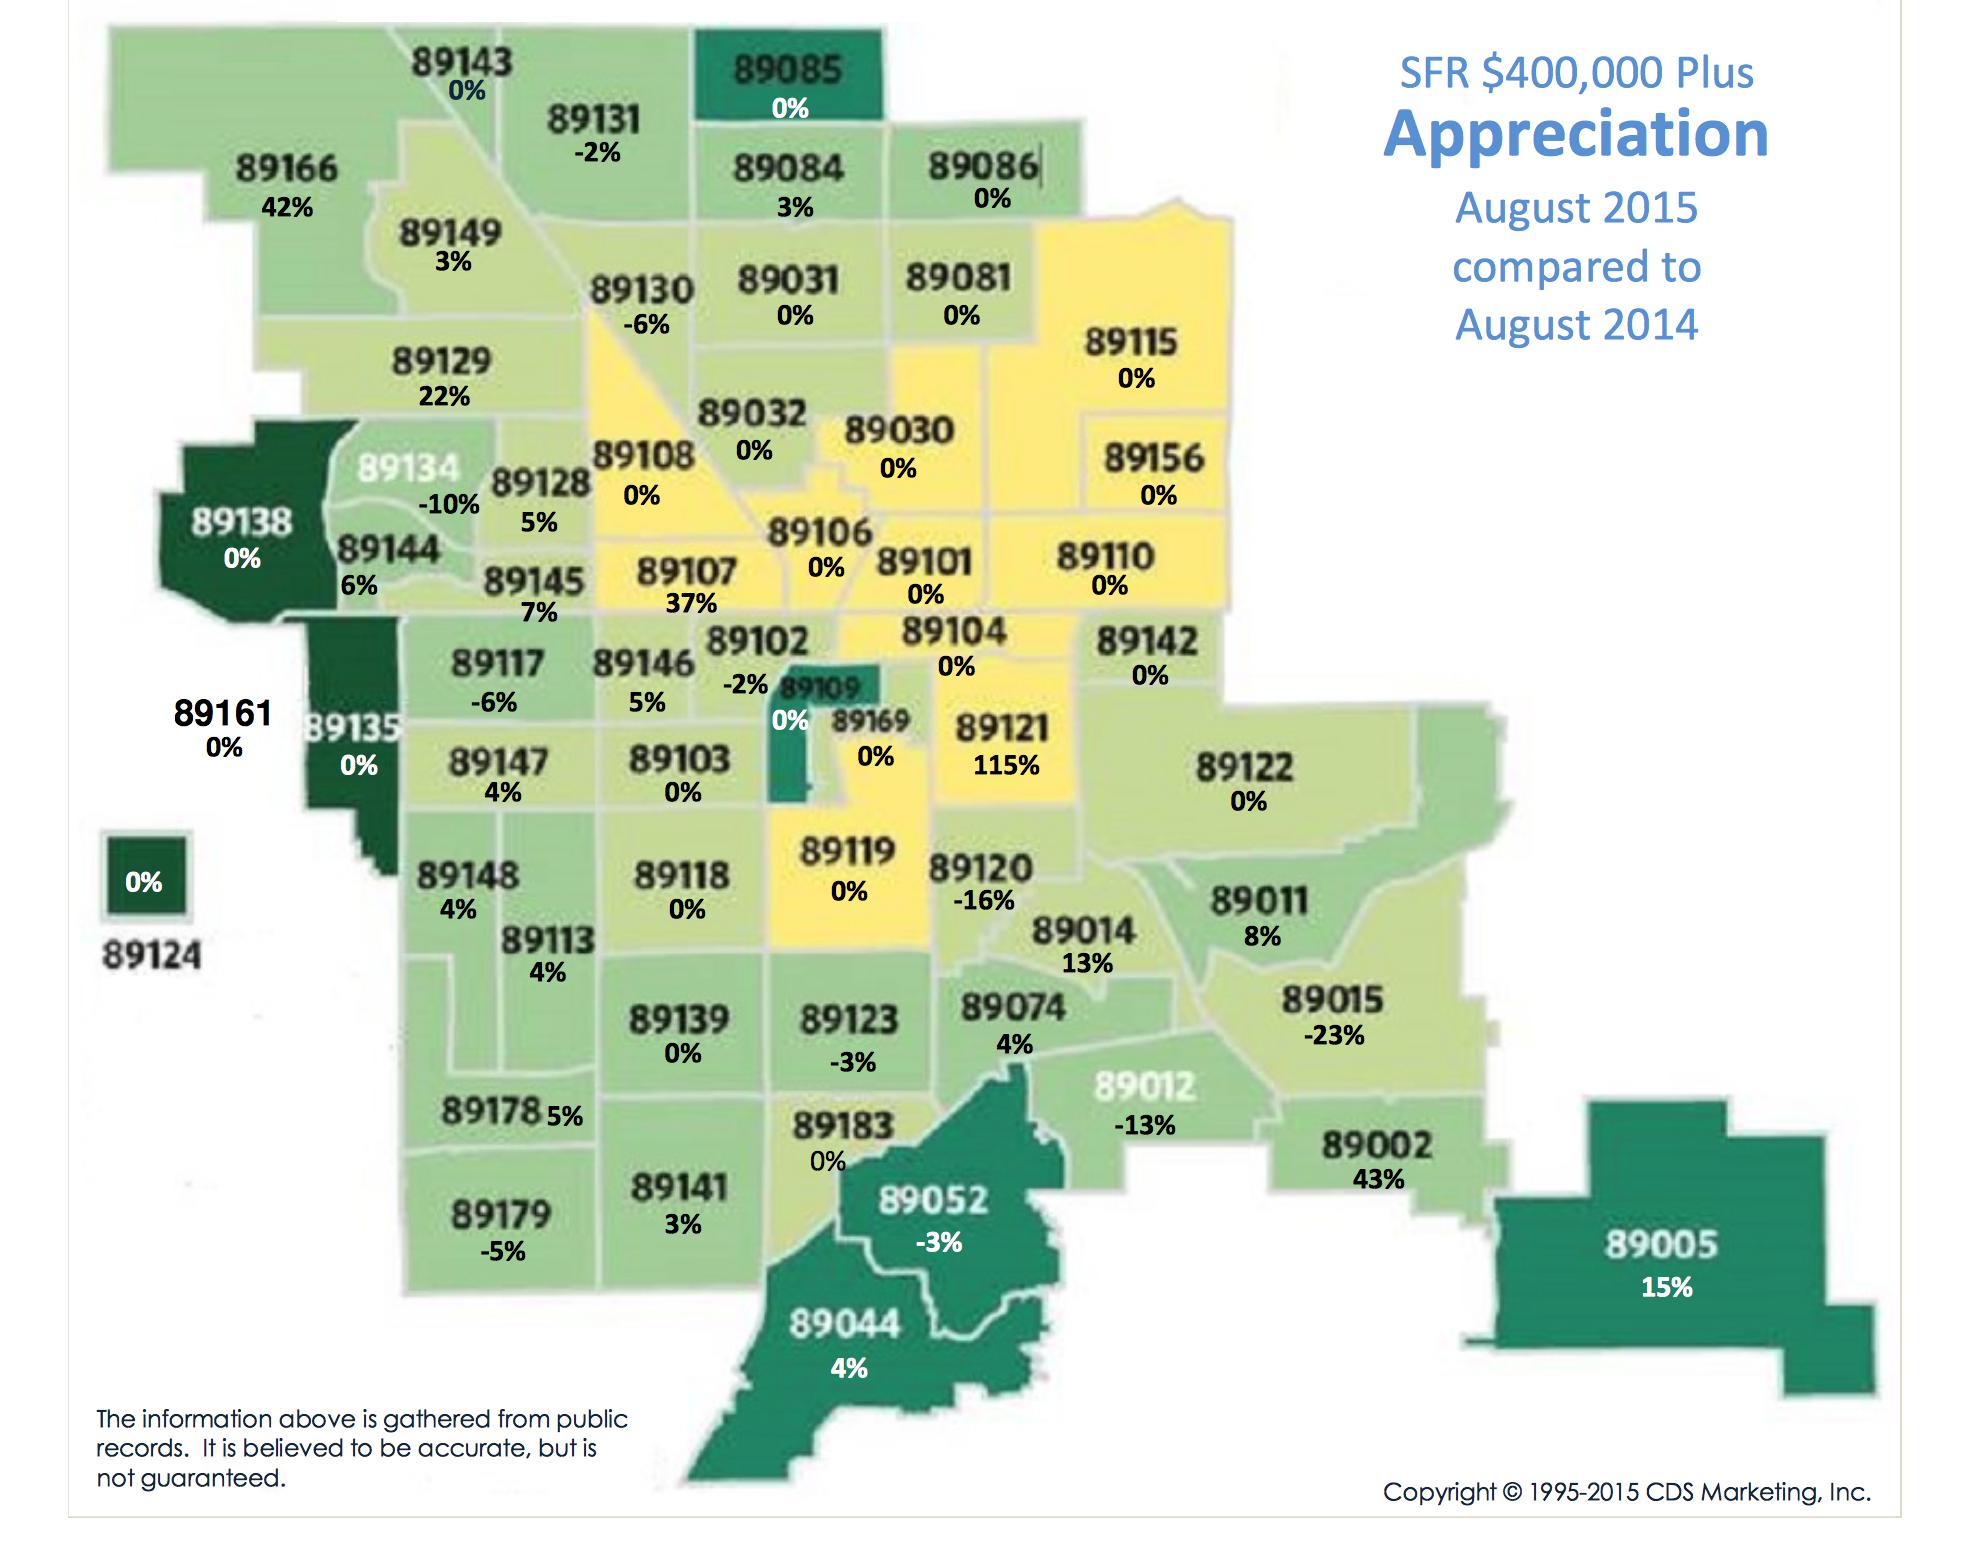 Las Vegas Henderson Price Appreciation Map